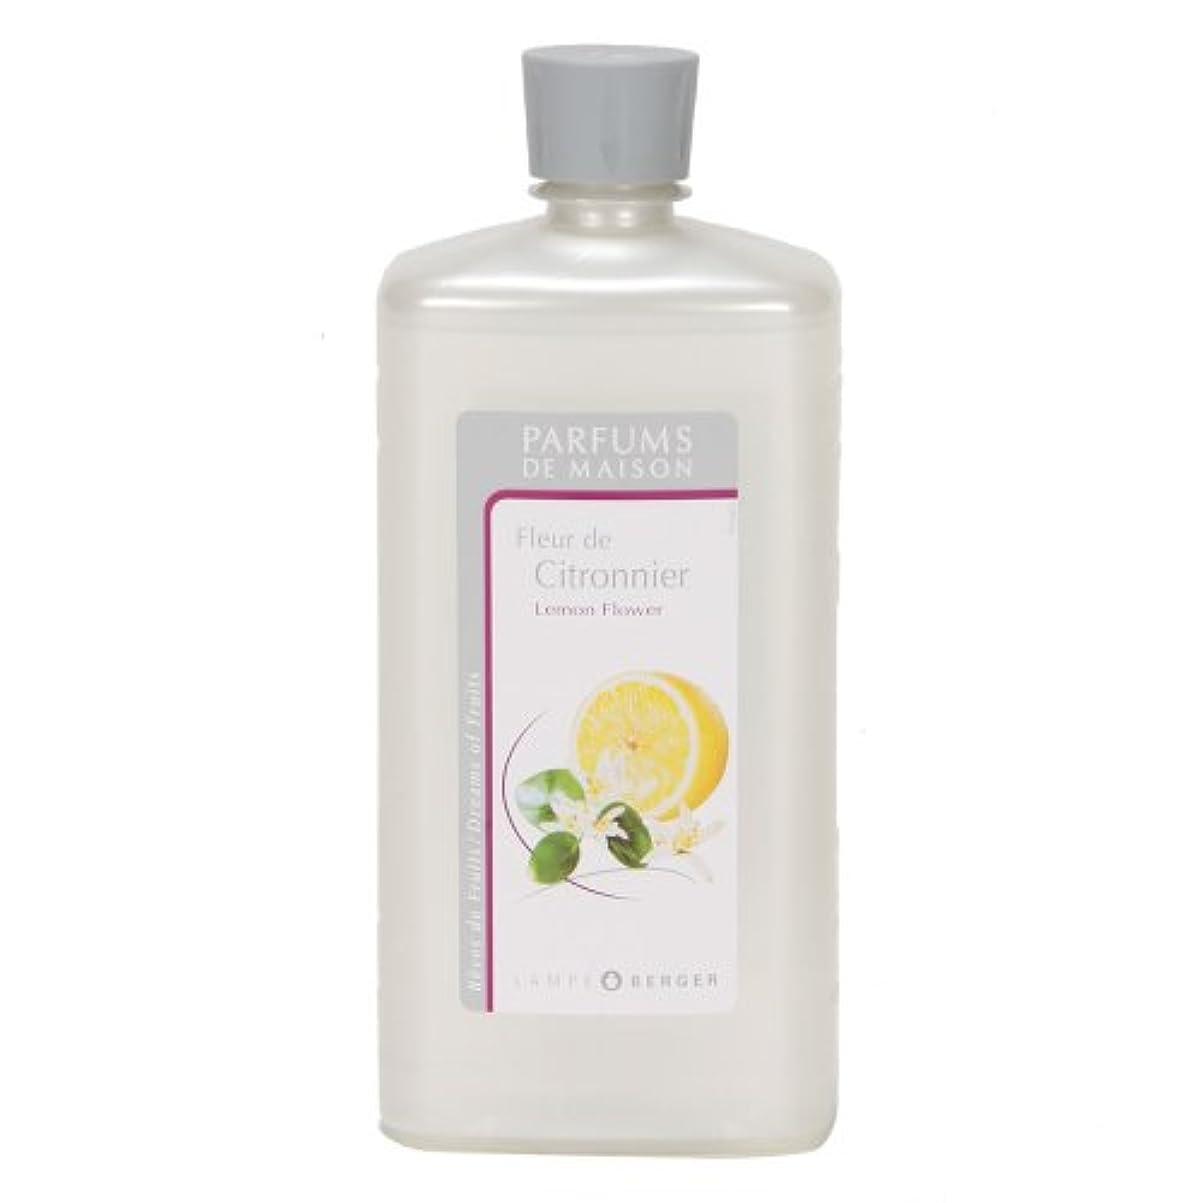 祈るグリース豊かなLAMPE BERGER ランプベルジェ オイル フランス版 レモンフラワー 1000ml アロマオイル 並行輸入品